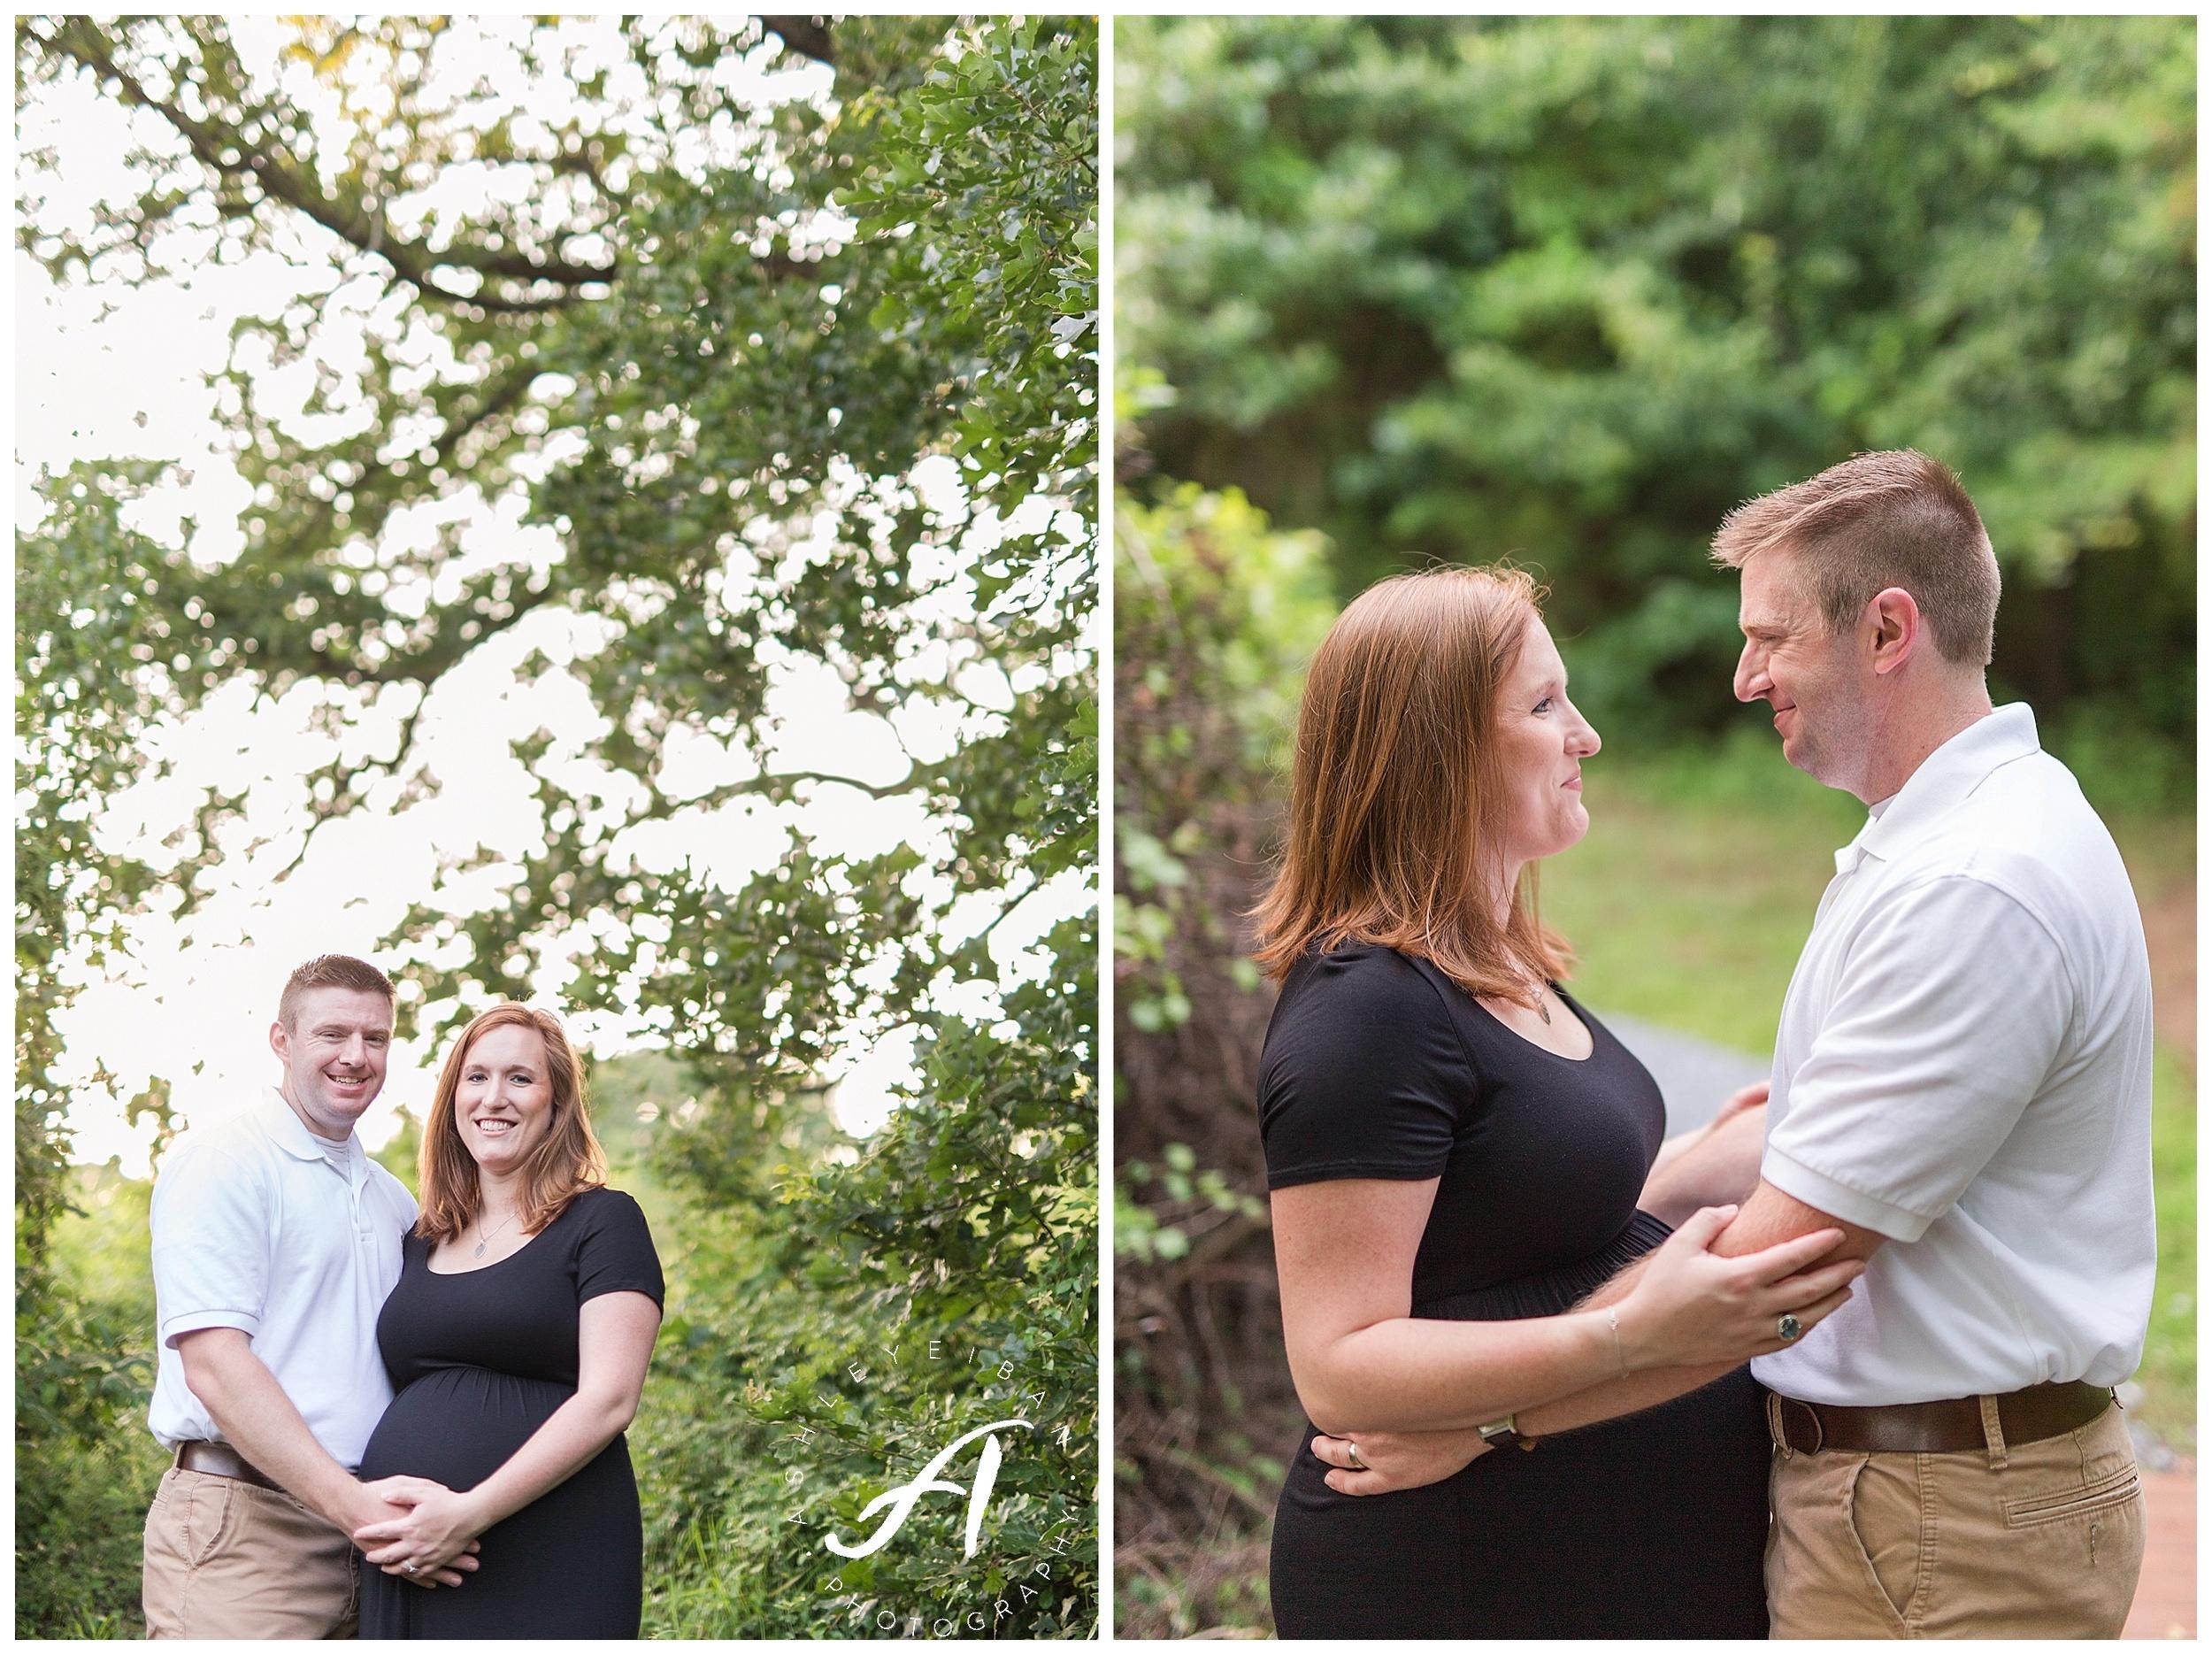 Summer Maternity photographer    Lynchburg & Charlottesville Photographer    Wedding Photographer    Ashley Eiban Photography    www.ashleyeiban.com